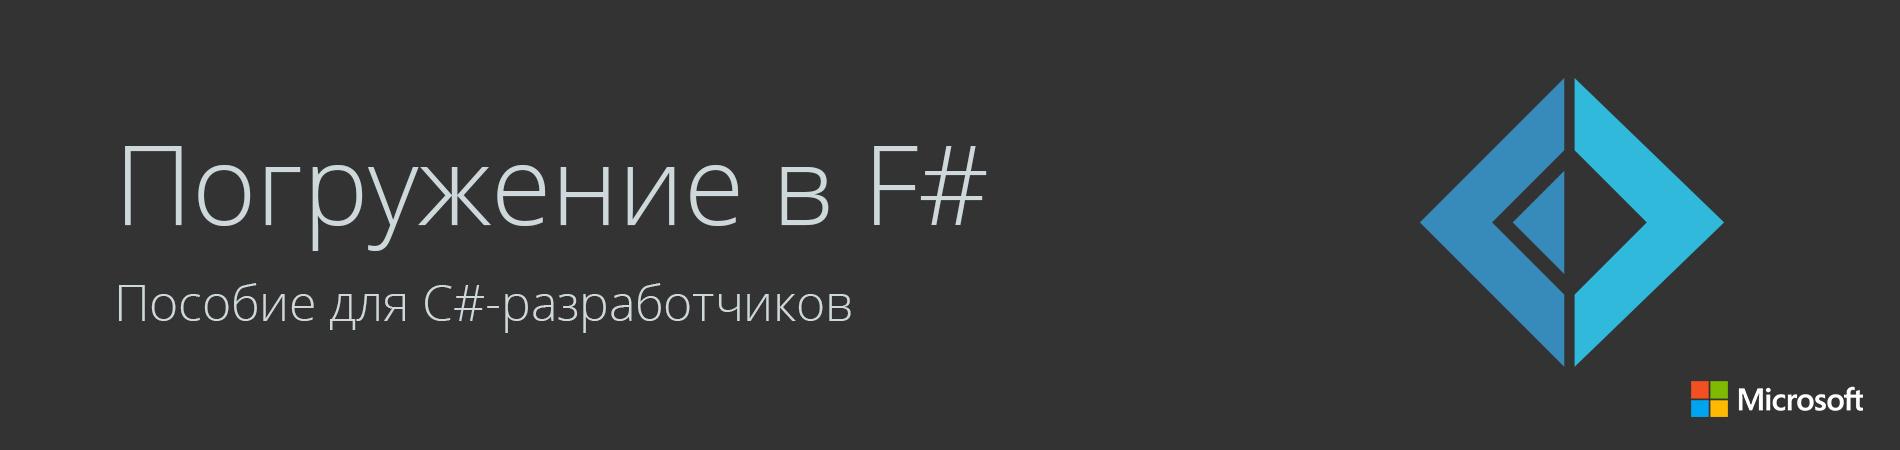 [Перевод] Погружение в F#. Пособие для C#-разработчиков